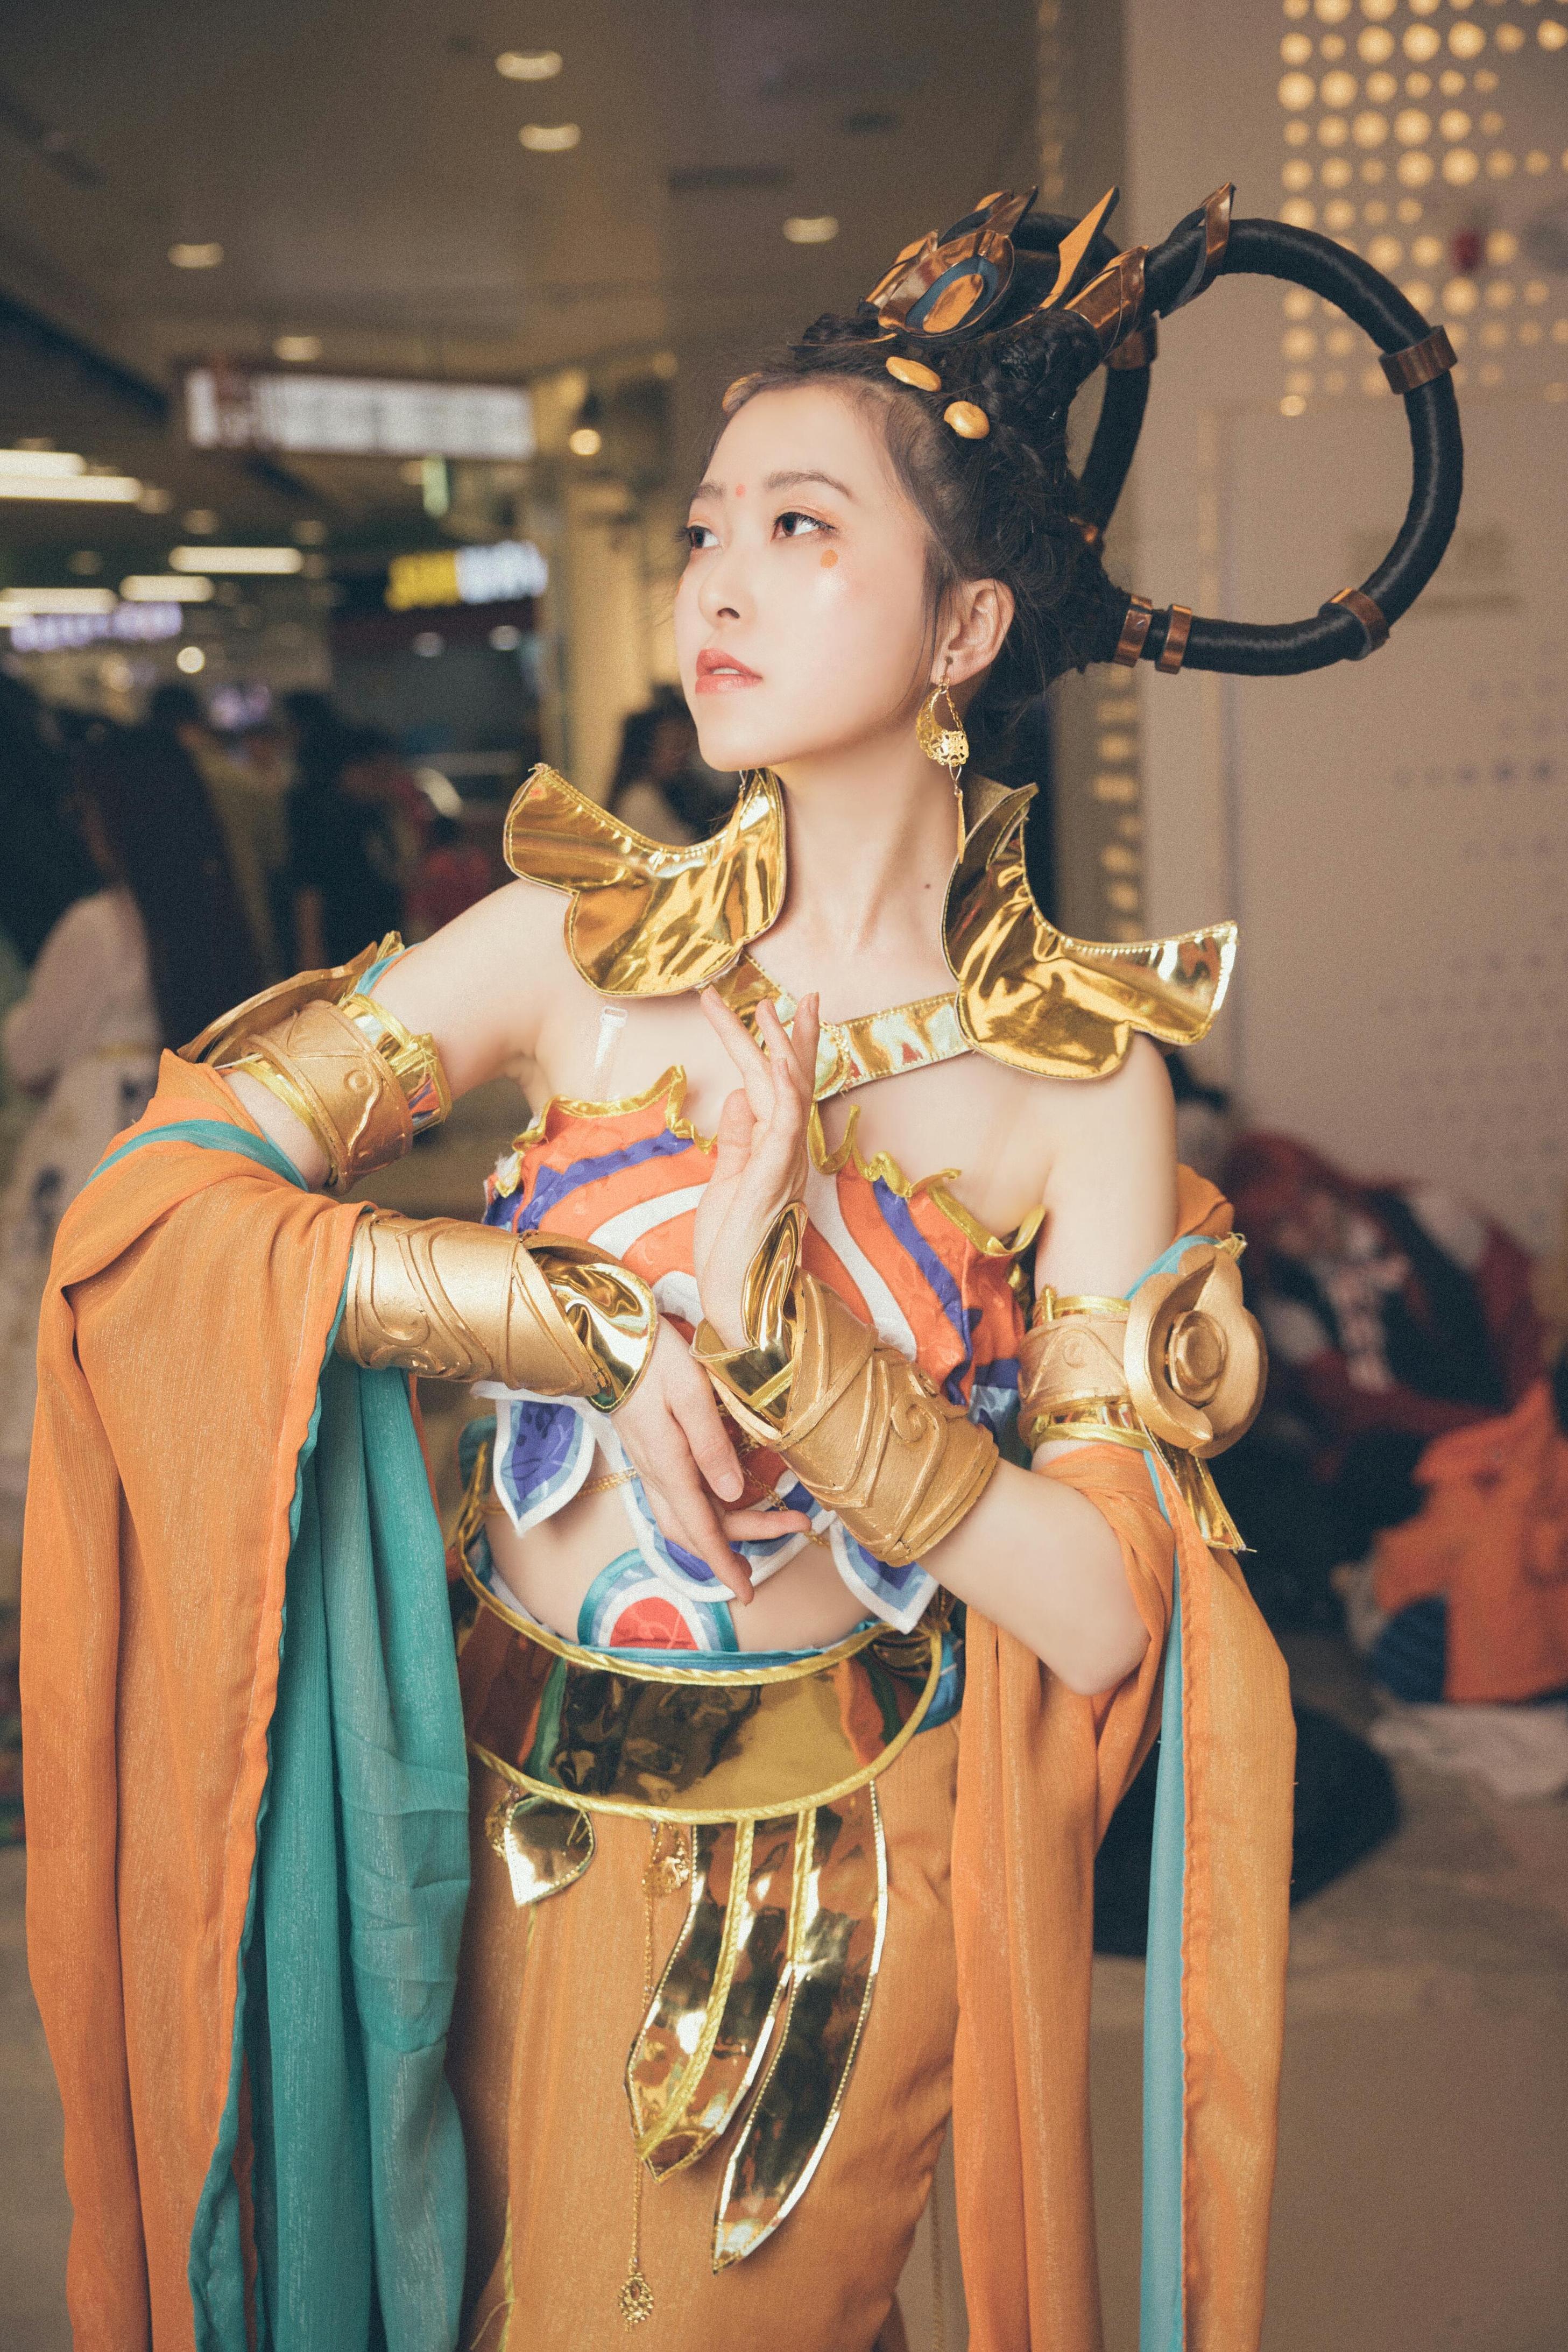 《王者荣耀》王者荣耀杨玉环cosplay【CN:YINGO殷果】-第1张